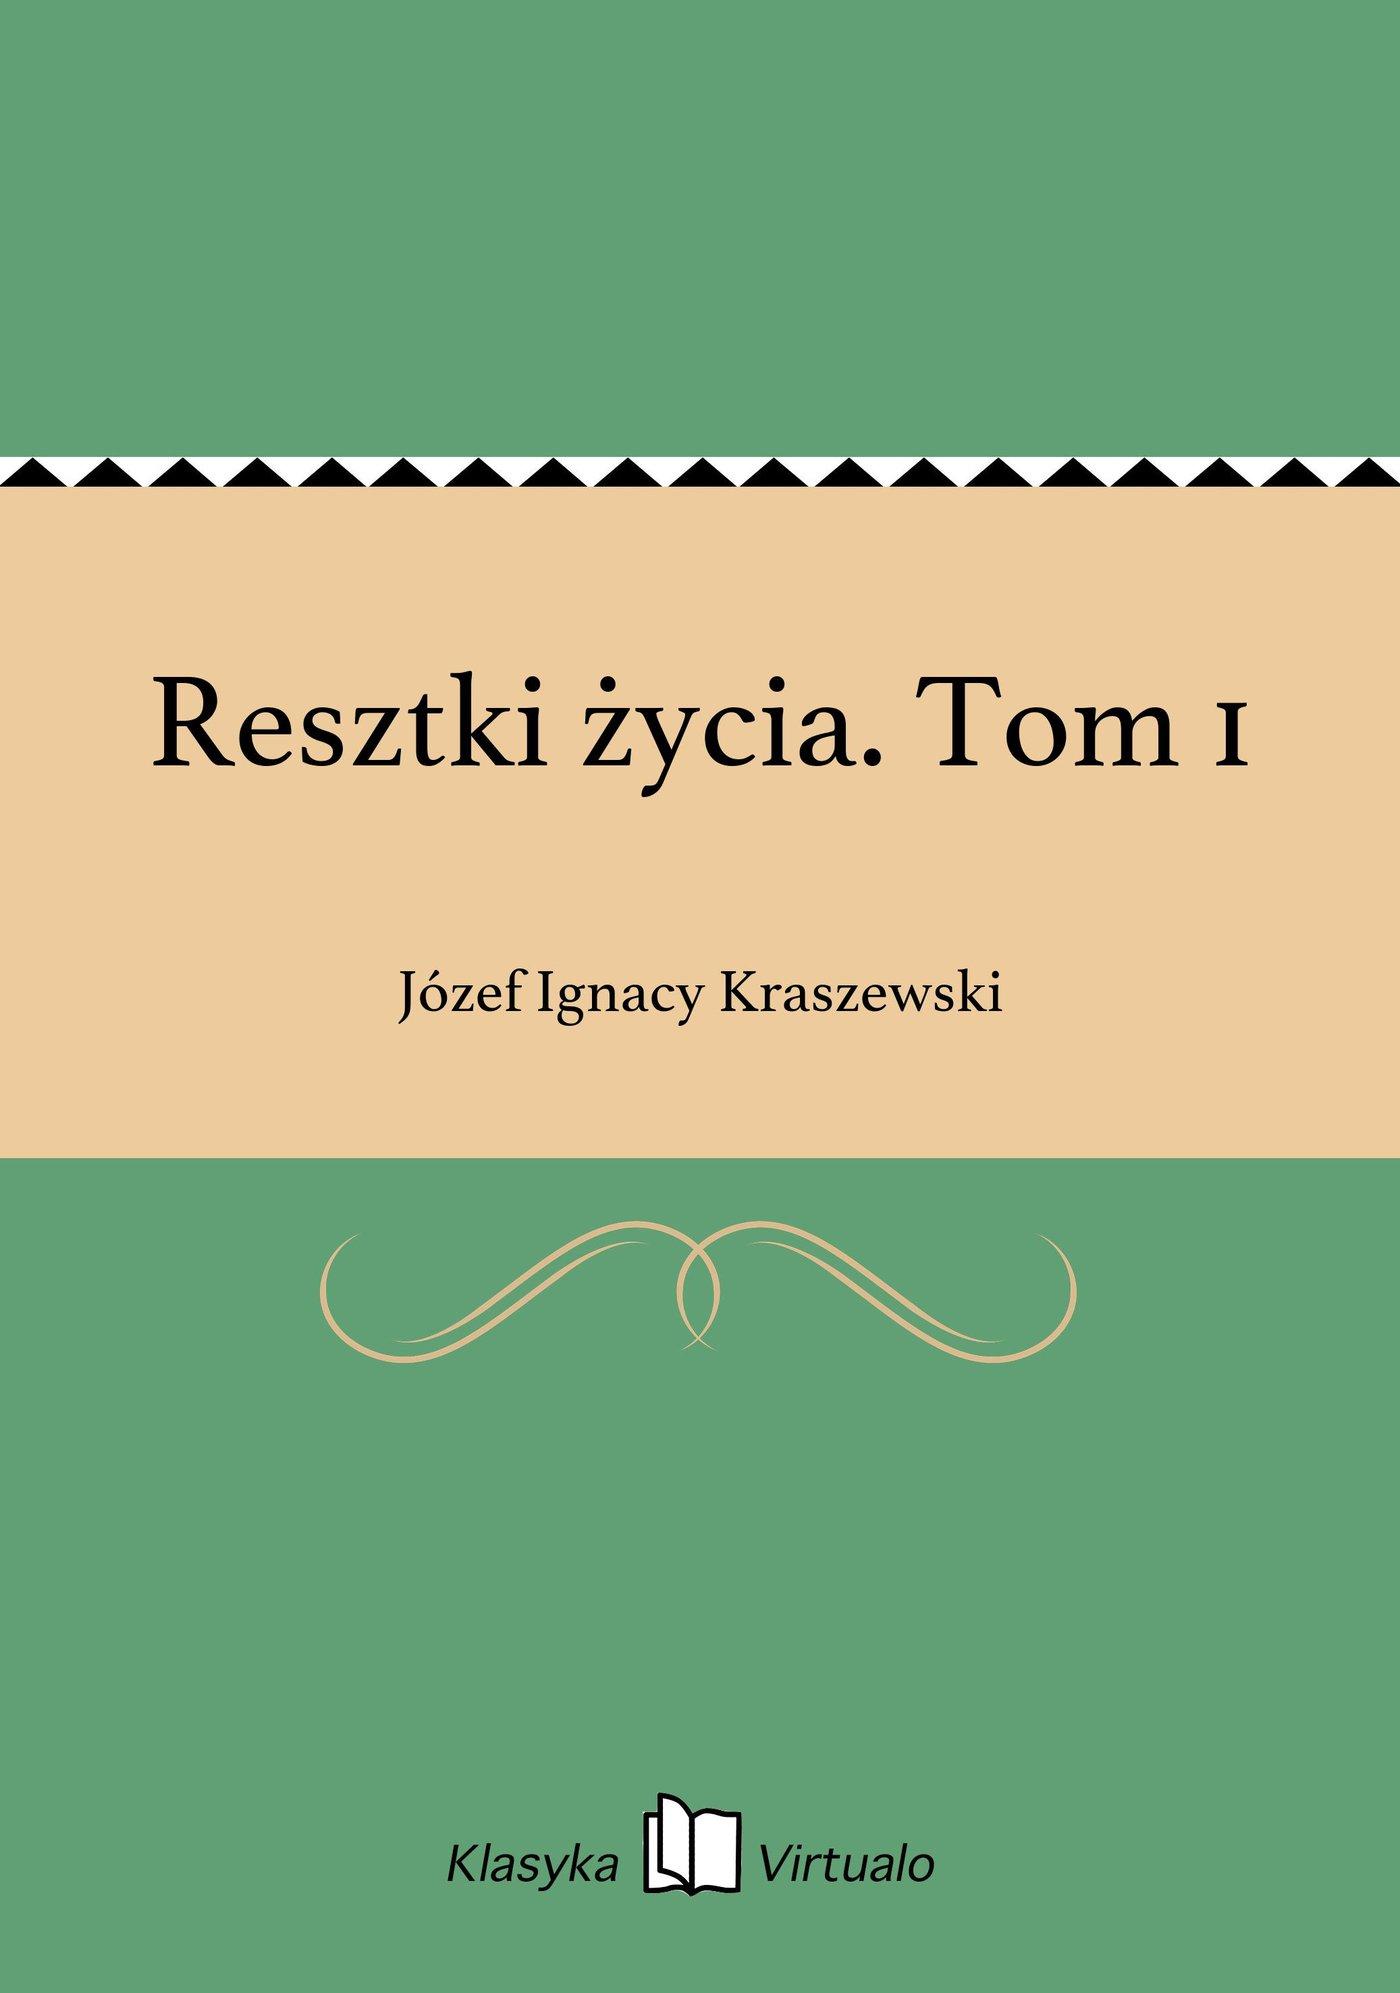 Resztki życia. Tom 1 - Ebook (Książka EPUB) do pobrania w formacie EPUB